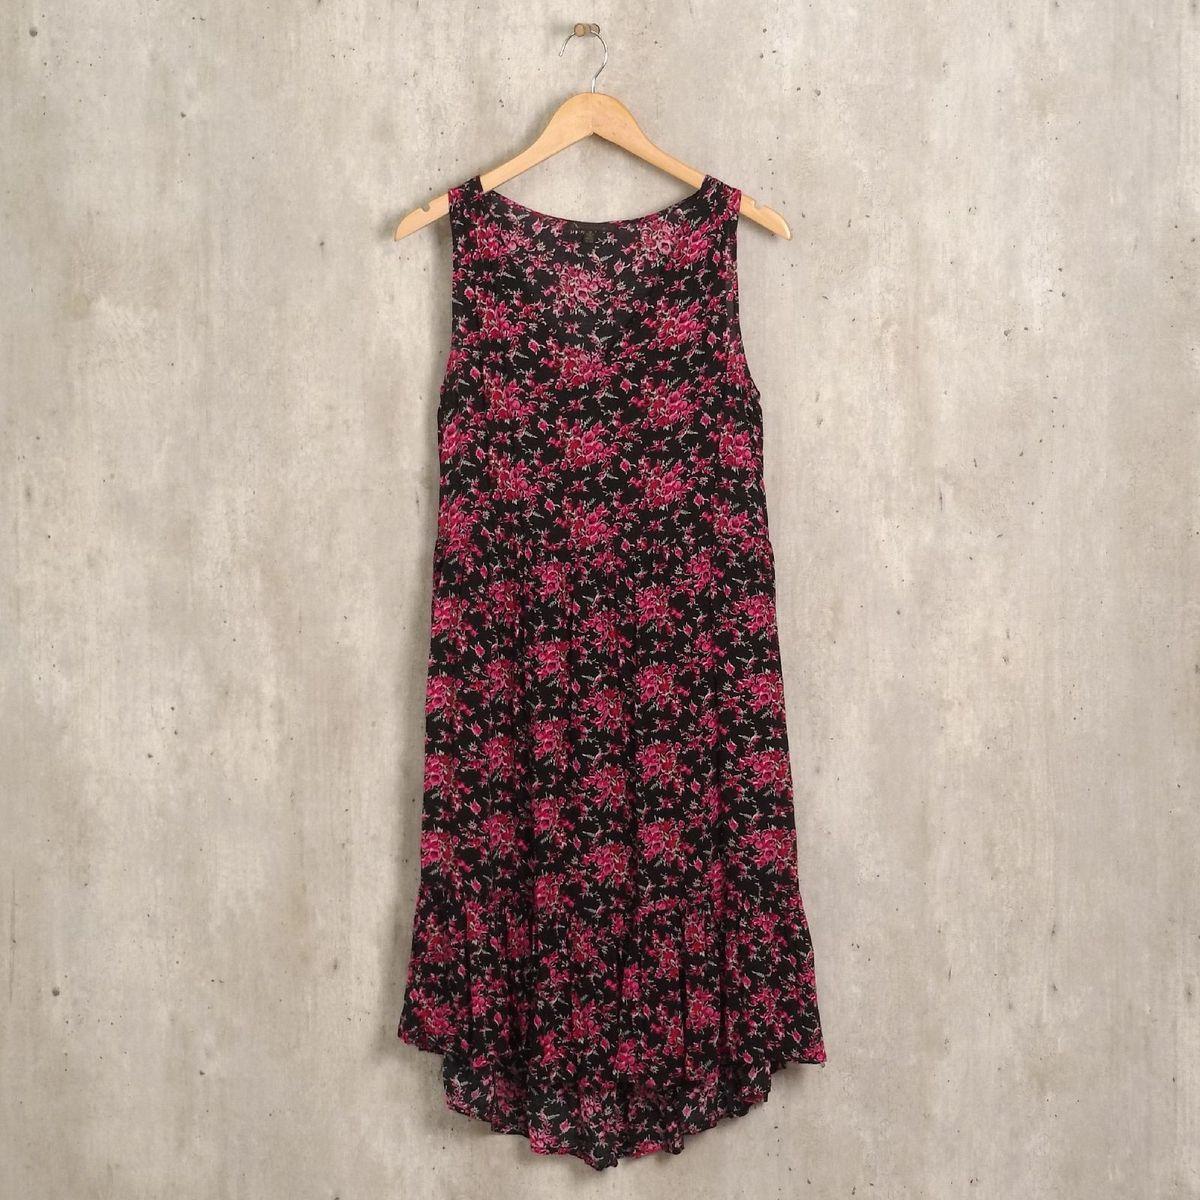 vestido preto com rosas - vestidos lucca couture